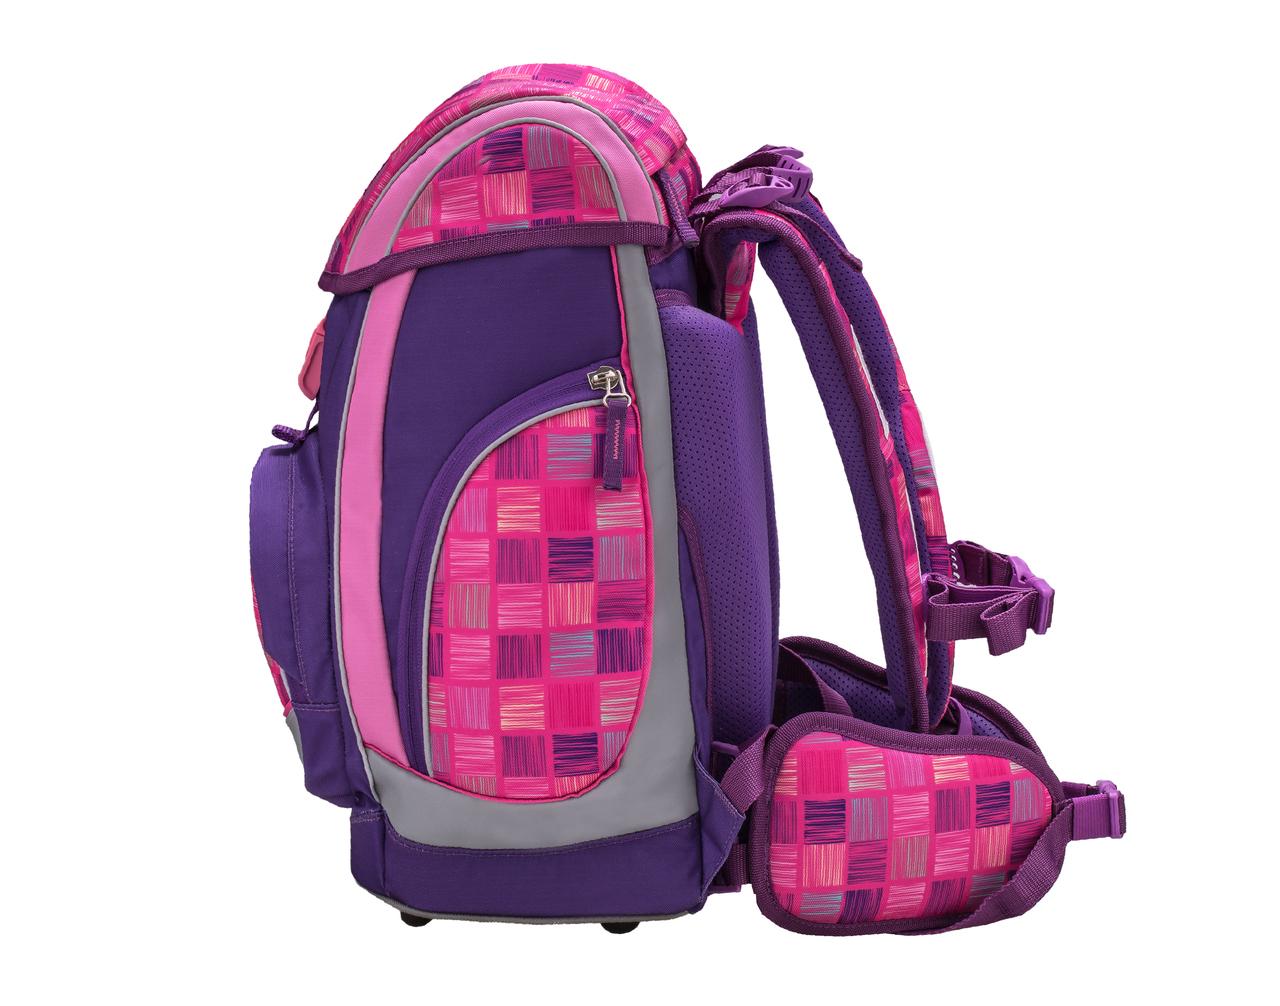 Ранец-рюкзак Belmil Comfy Pack 405-11/683 цвет Pink & Purple Harmony+ дождевик, - фото 3